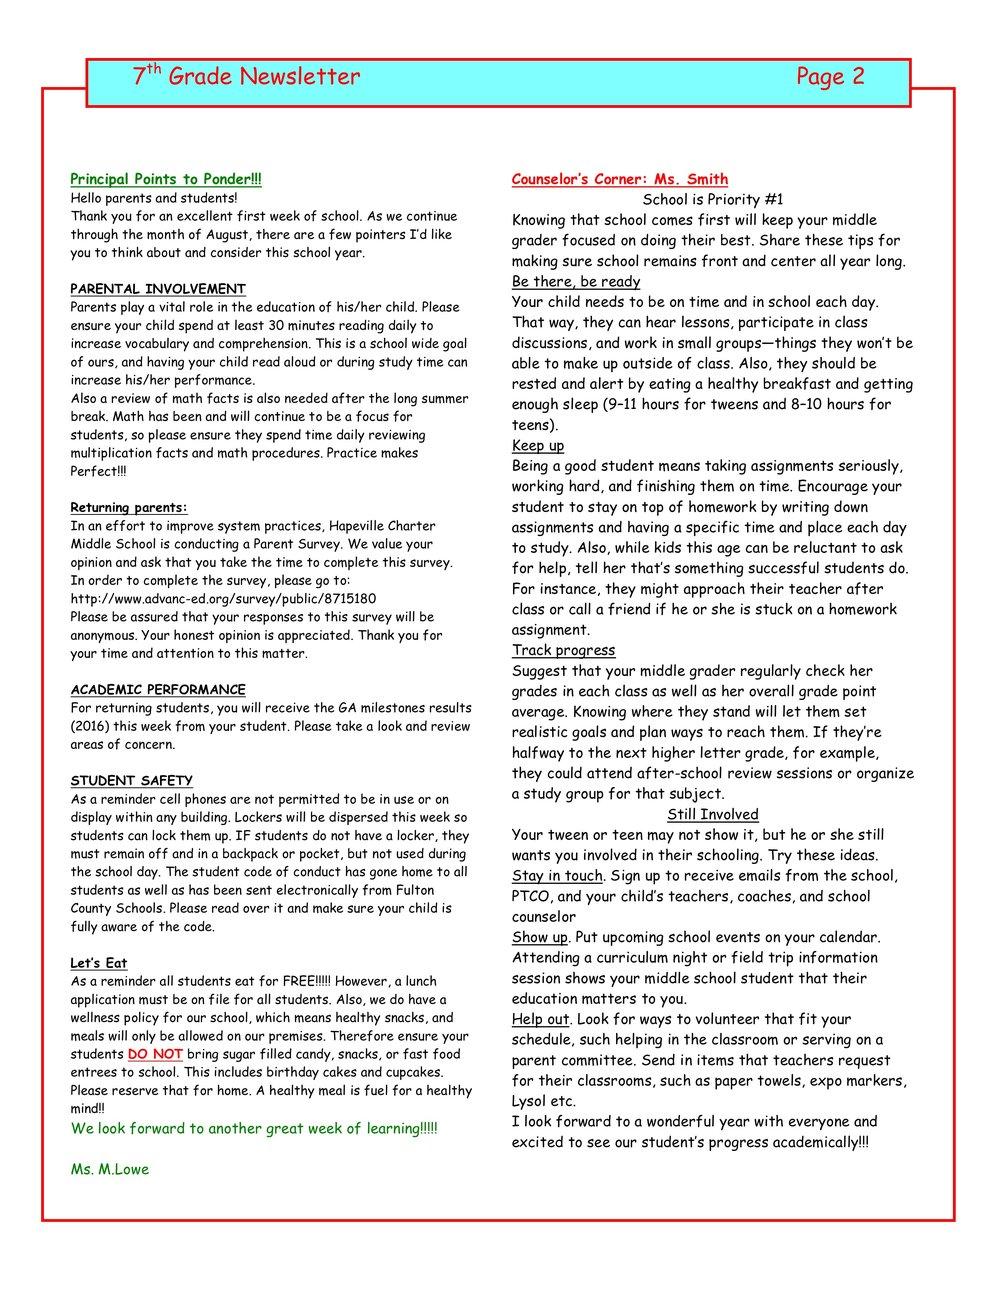 Newsletter Image7th Grade Newsletter 9-12 2.jpeg